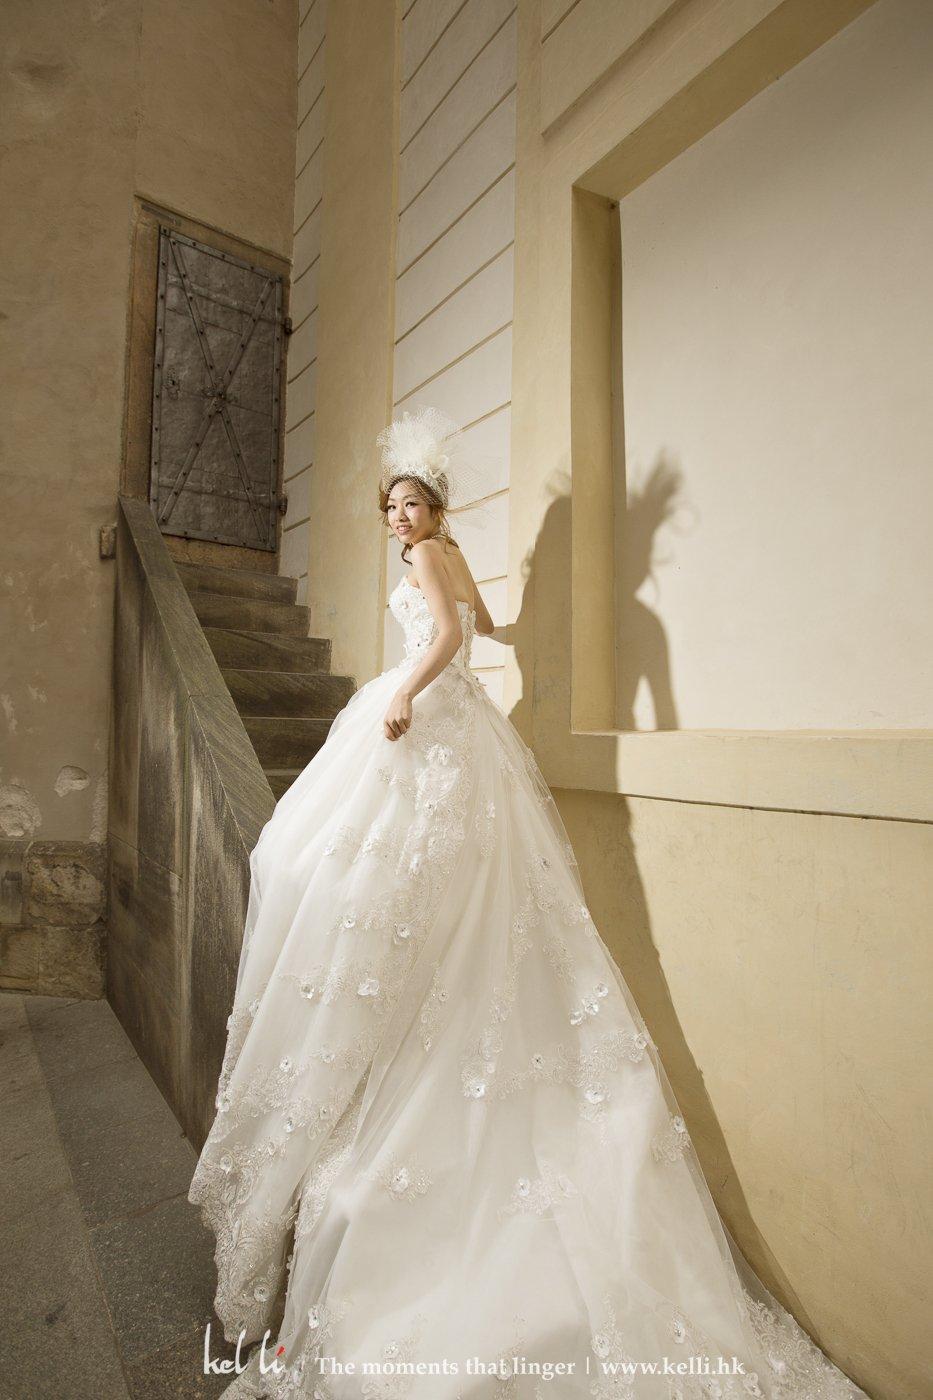 站在长楼梯更能带出长拖尾的婚纱